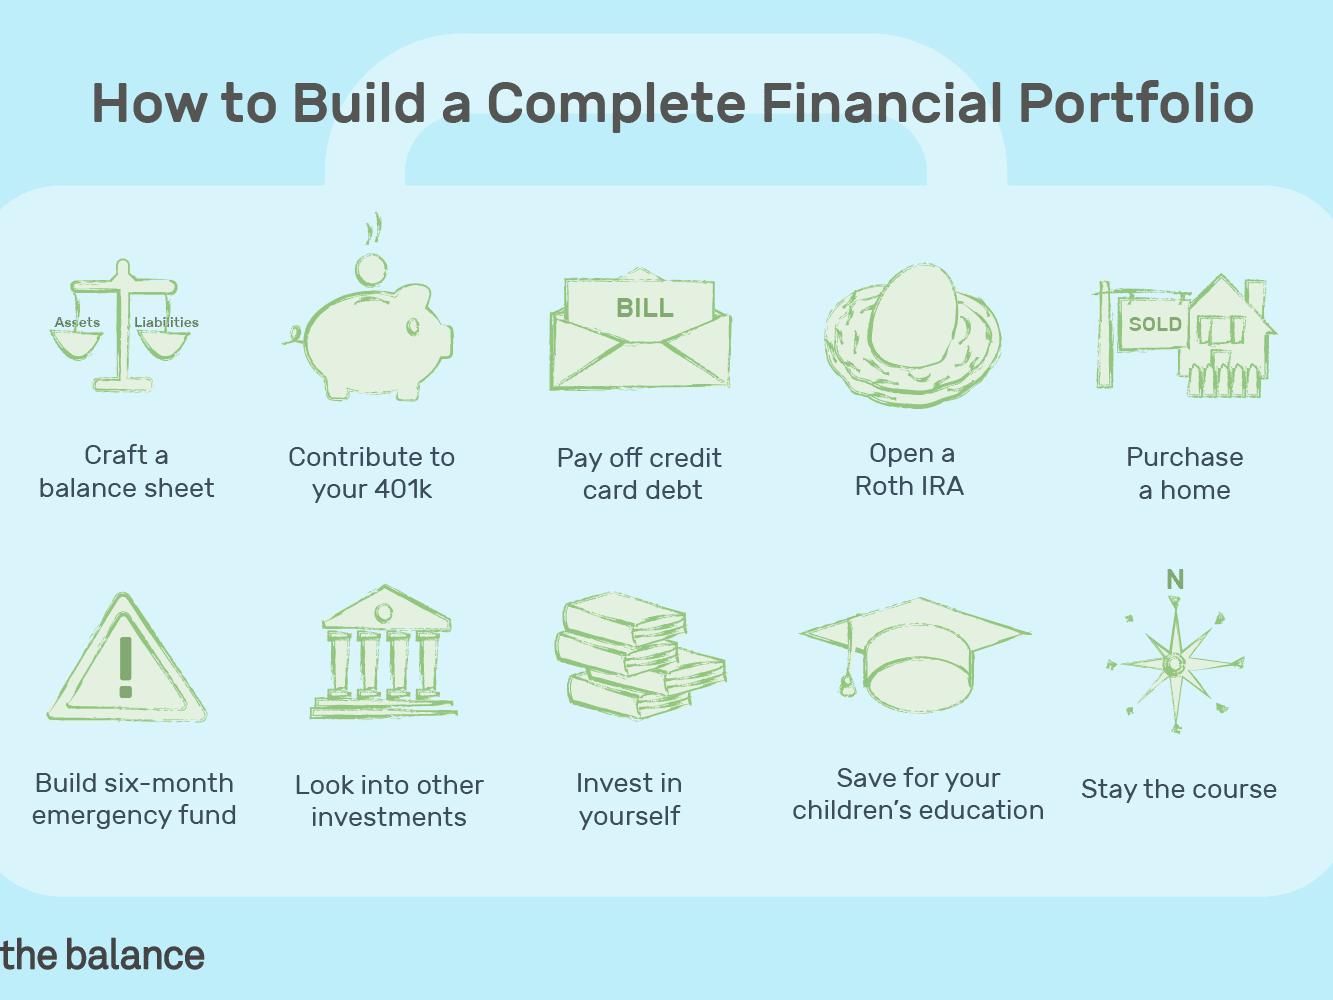 how to build a complete financial portfolio